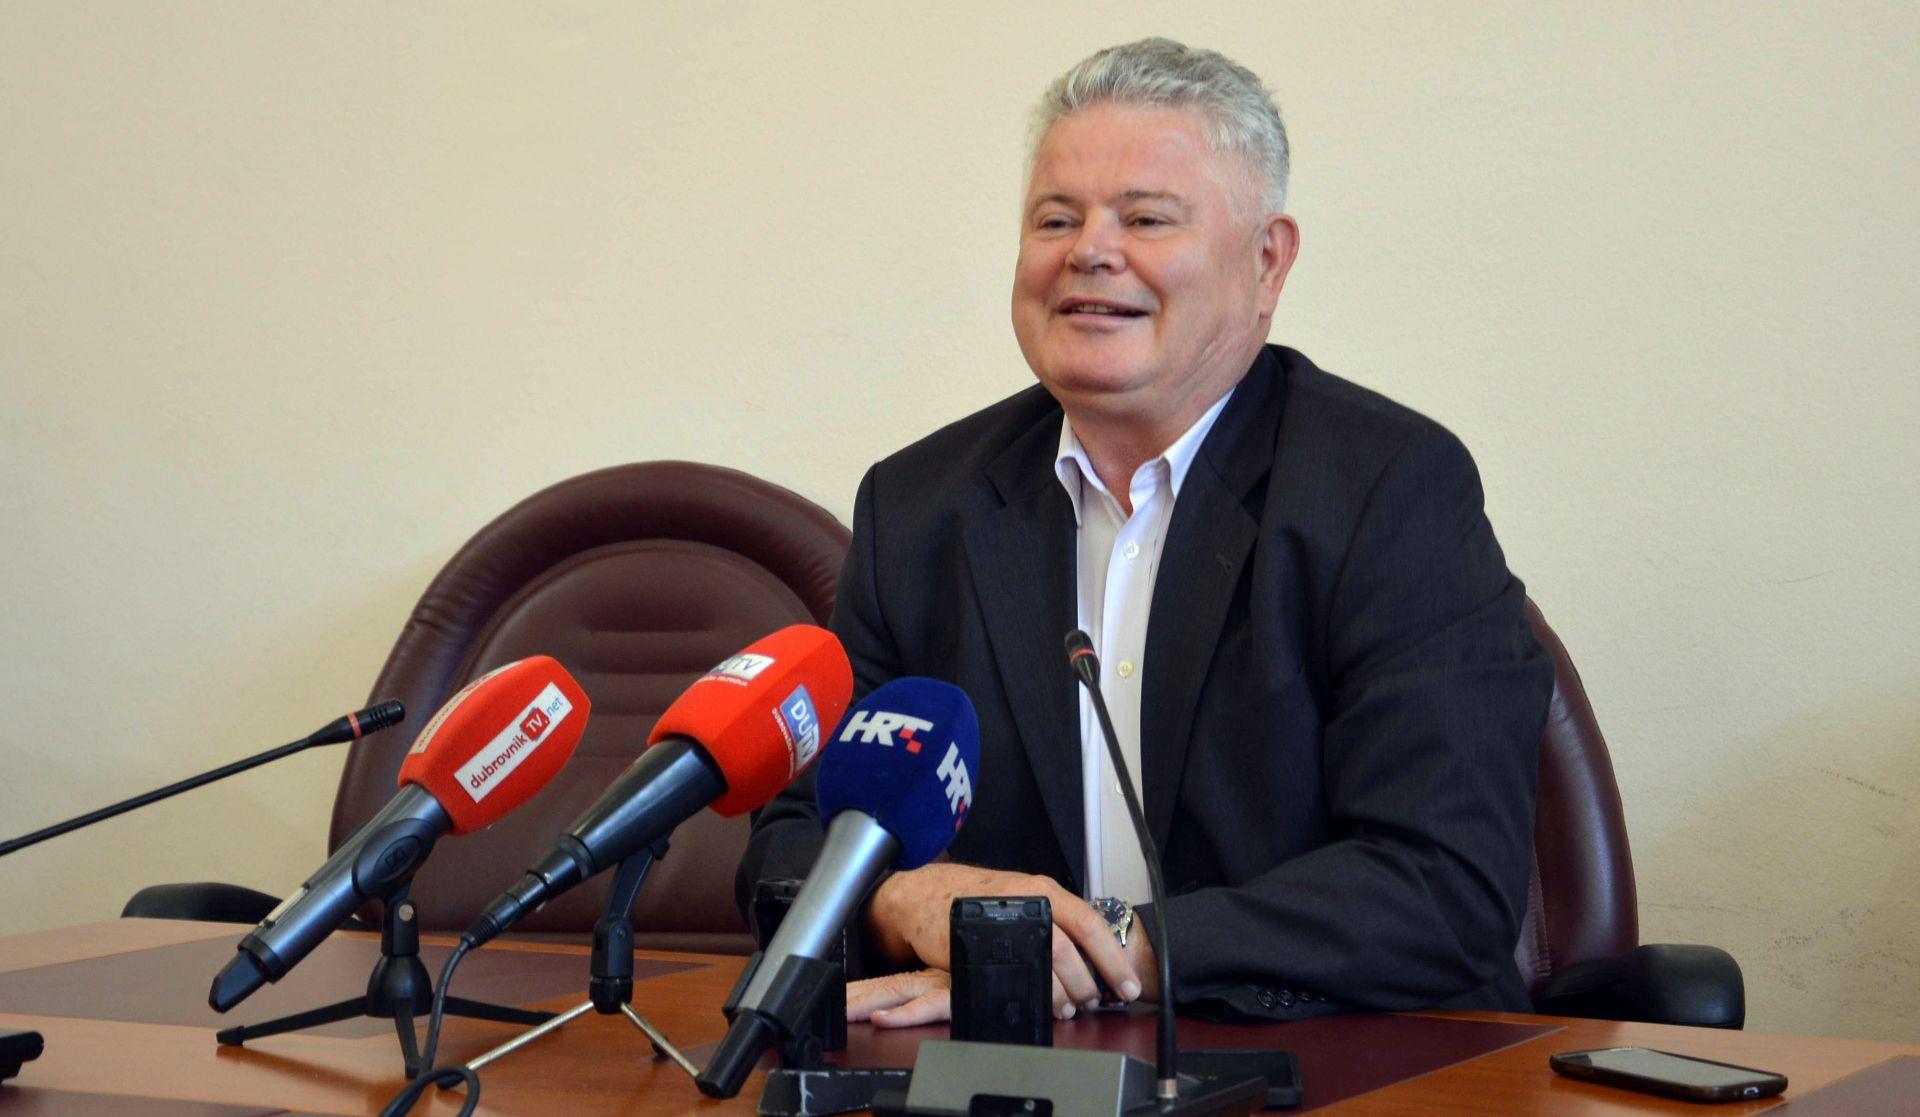 Dubrovnik: Srušen kvorum na Gradskom vijeću – HNS, DUSTRA i DDS bojkotirali sjednicu, HSU i SDP je napustili